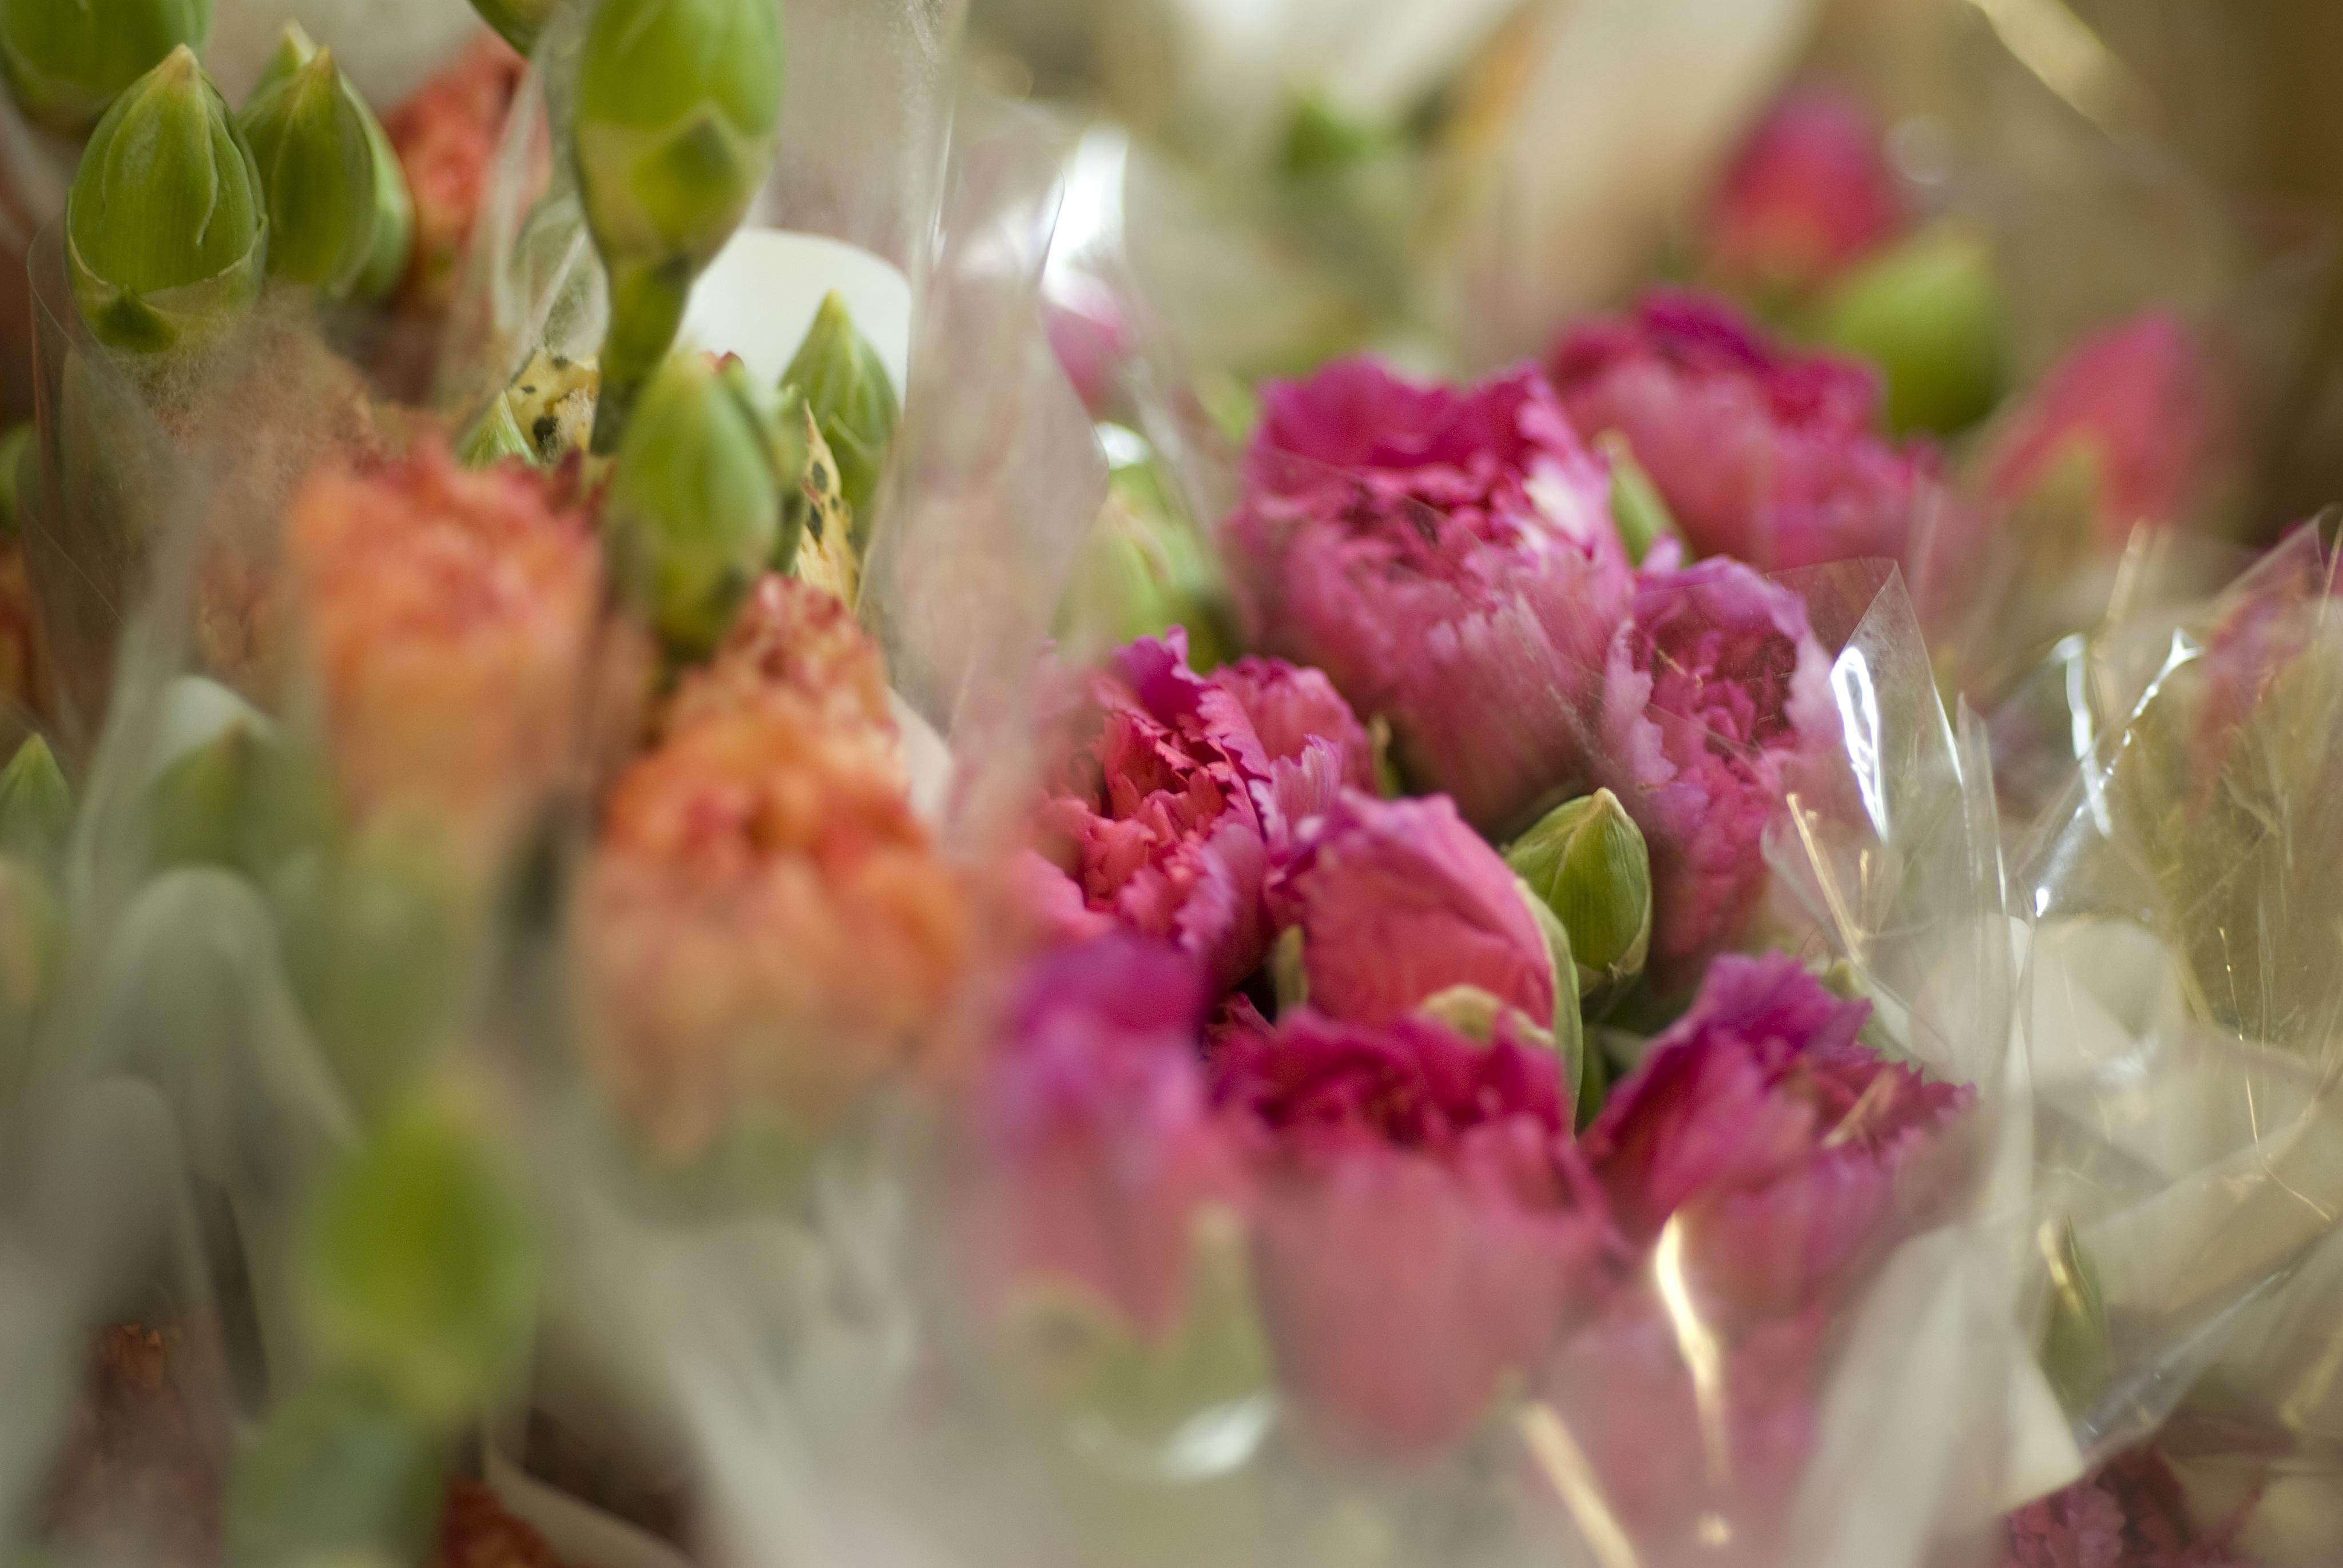 Toneladas de flores llegan al aeropuerto de Miami para el día de San Valentín